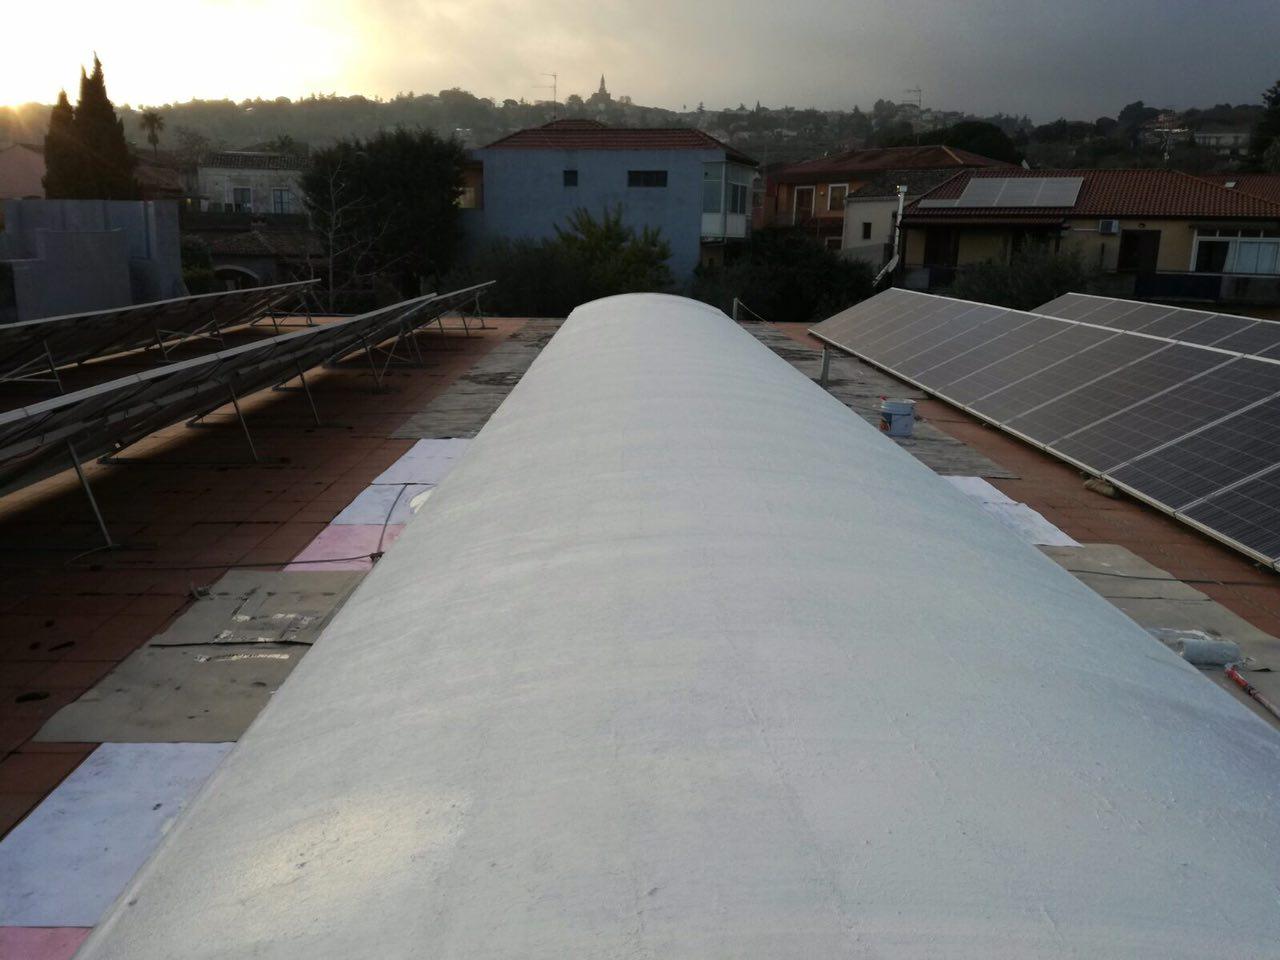 Impermeabilizzazione scuola G. Verga con Kimicover 601 P - foto 15